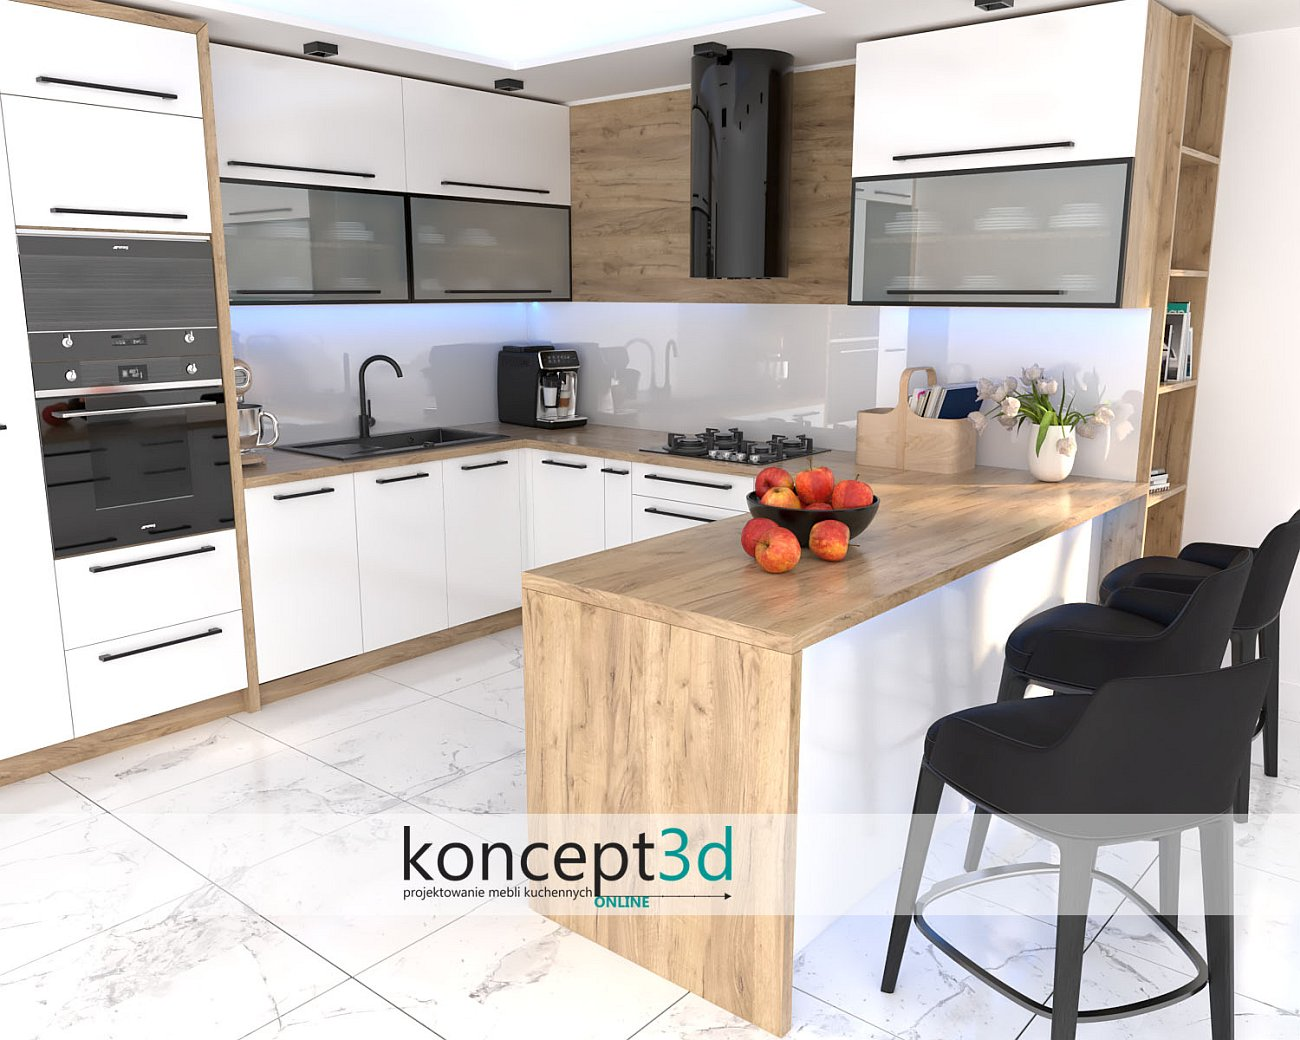 Wizualizacje mebli kuchennych białych | koncept3d